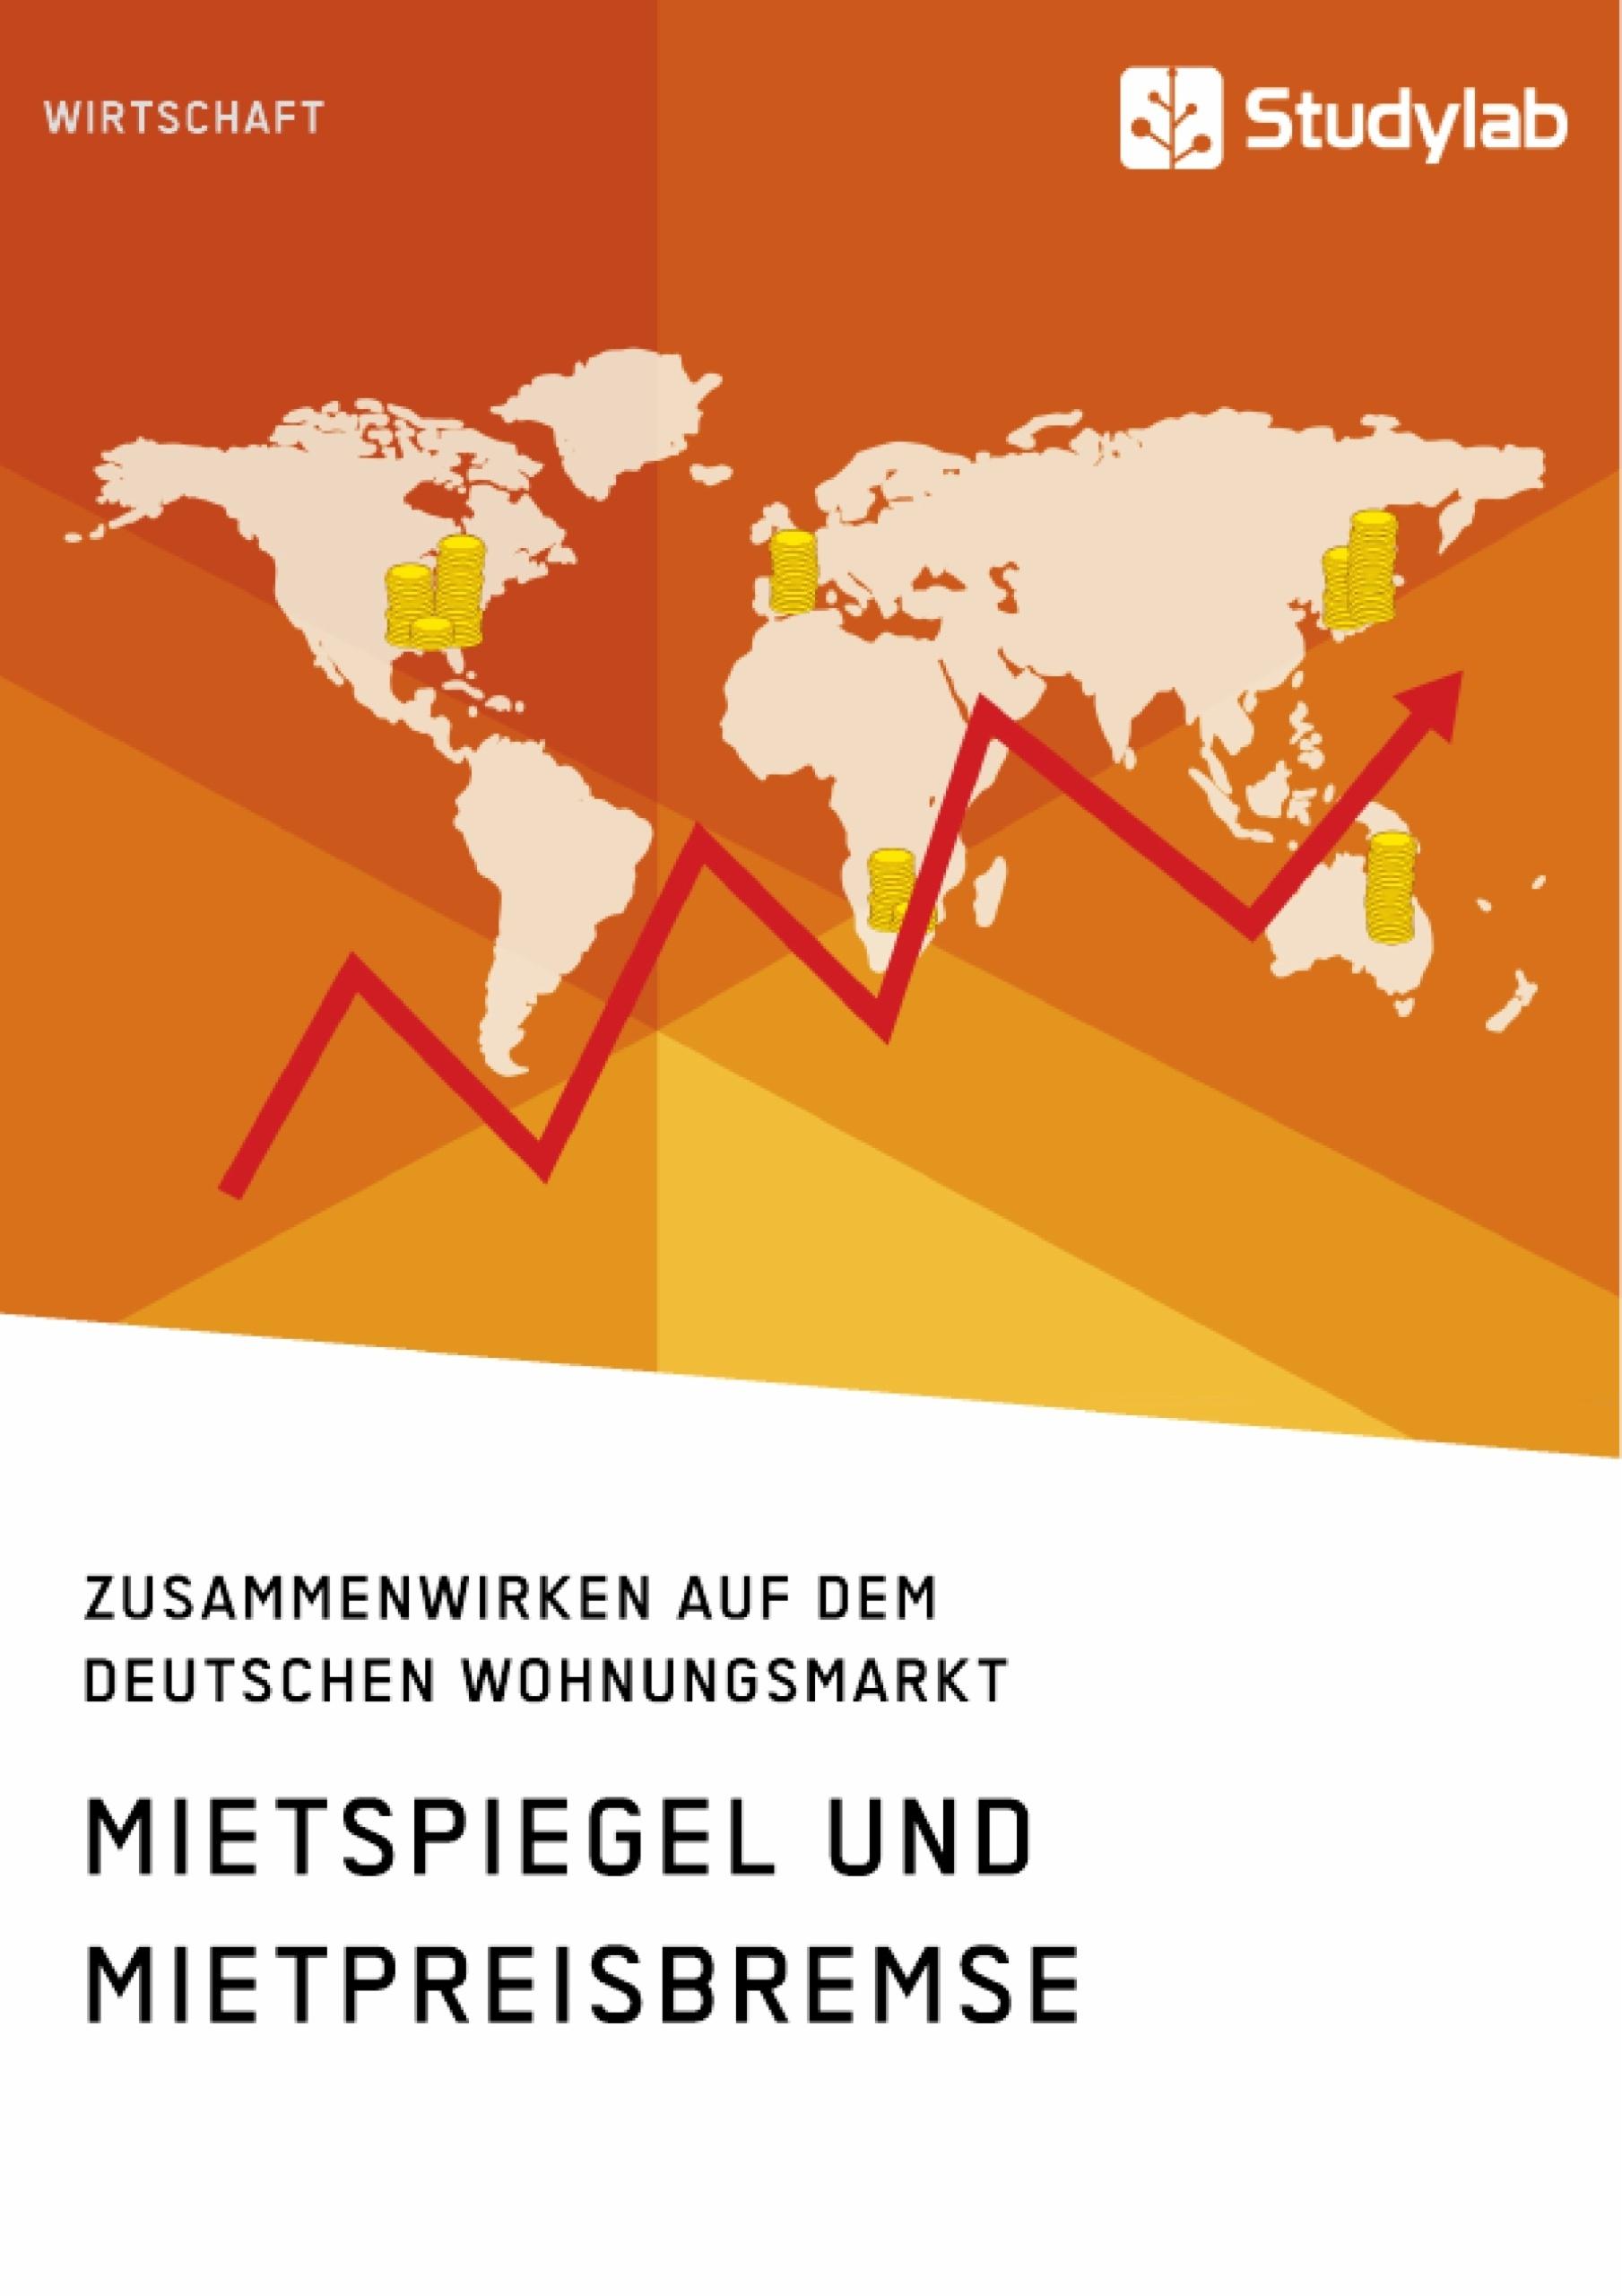 Titel: Mietspiegel und Mietpreisbremse. Zusammenwirken auf dem deutschen Wohnungsmarkt